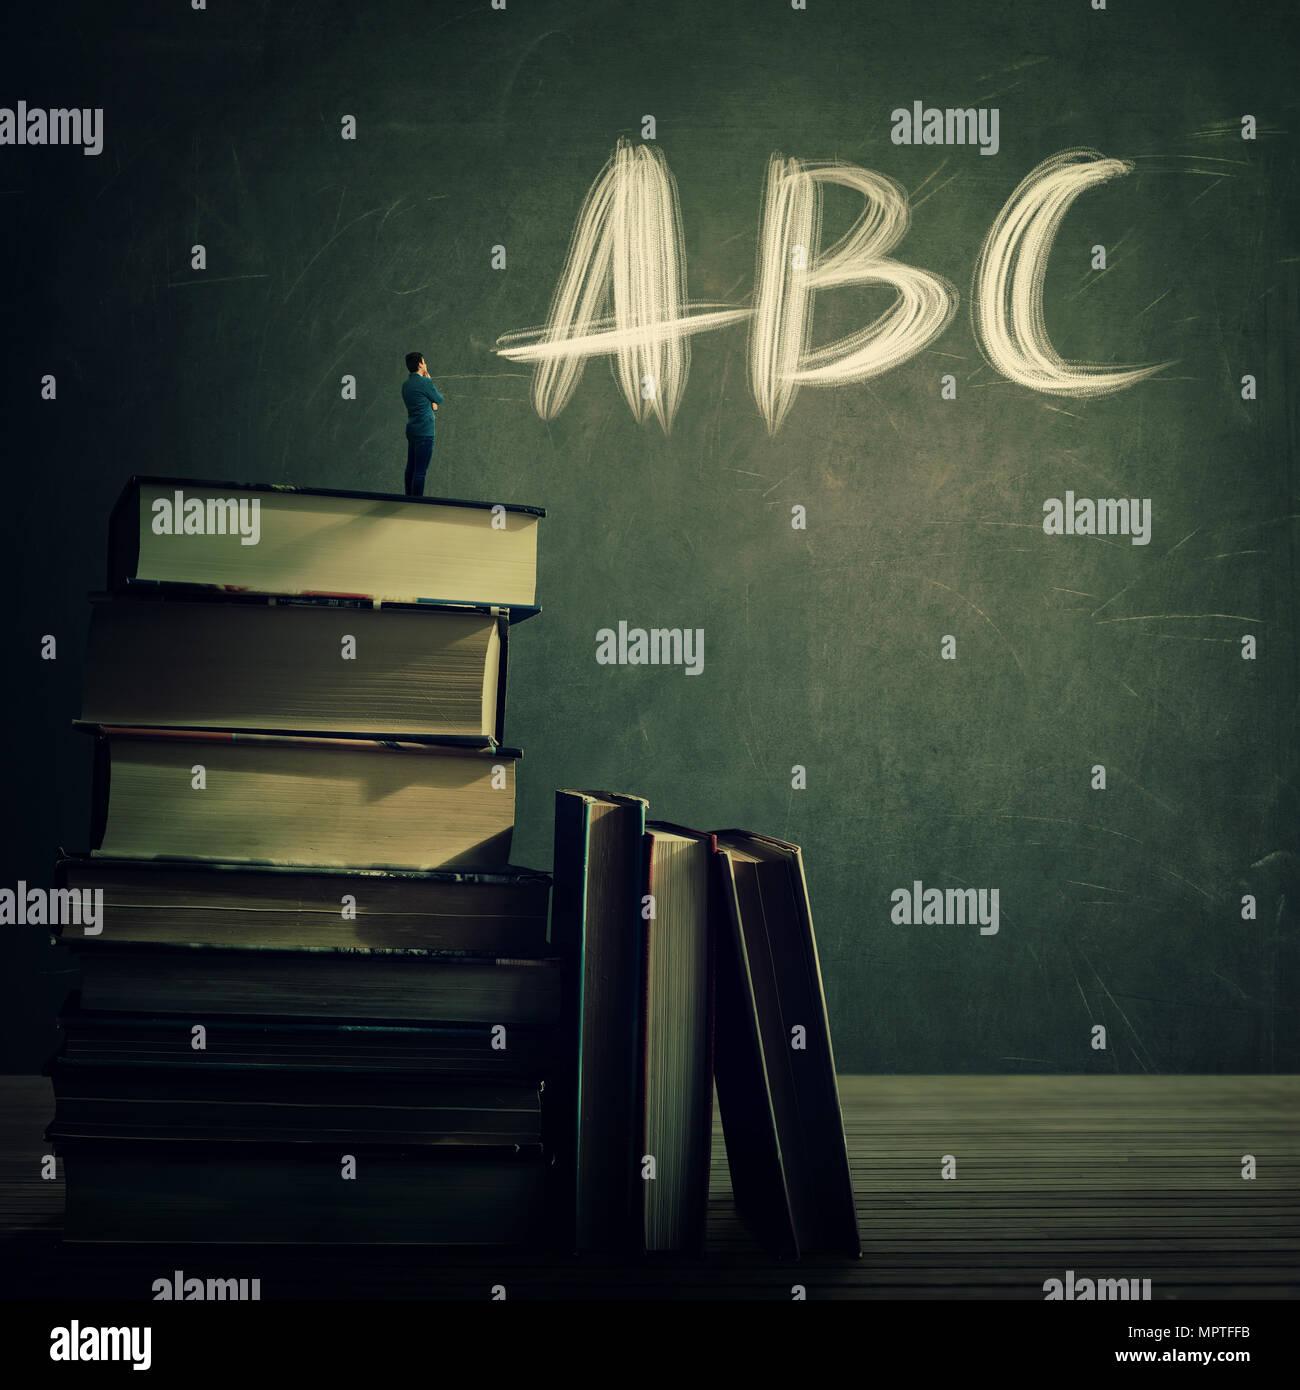 Profesor de pie en la cima de un enorme montón de libros mirando a la pizarra con ABC cartas escritas. Concepto de educación y conocimiento. Práctica docente f Imagen De Stock